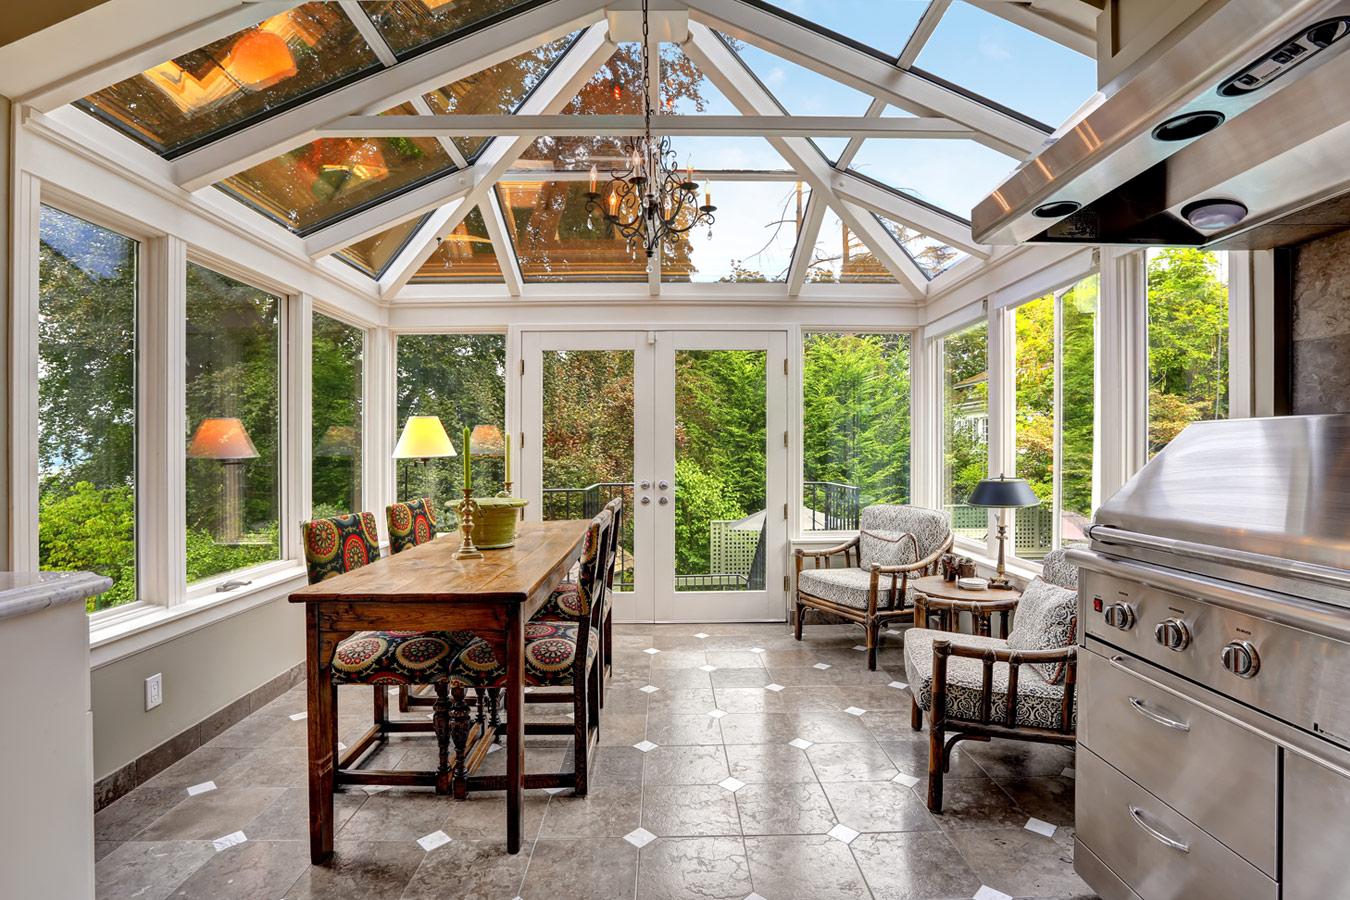 Aanbouw of serre voordelen en nadelen op een rijtje - Keuken verandas ...